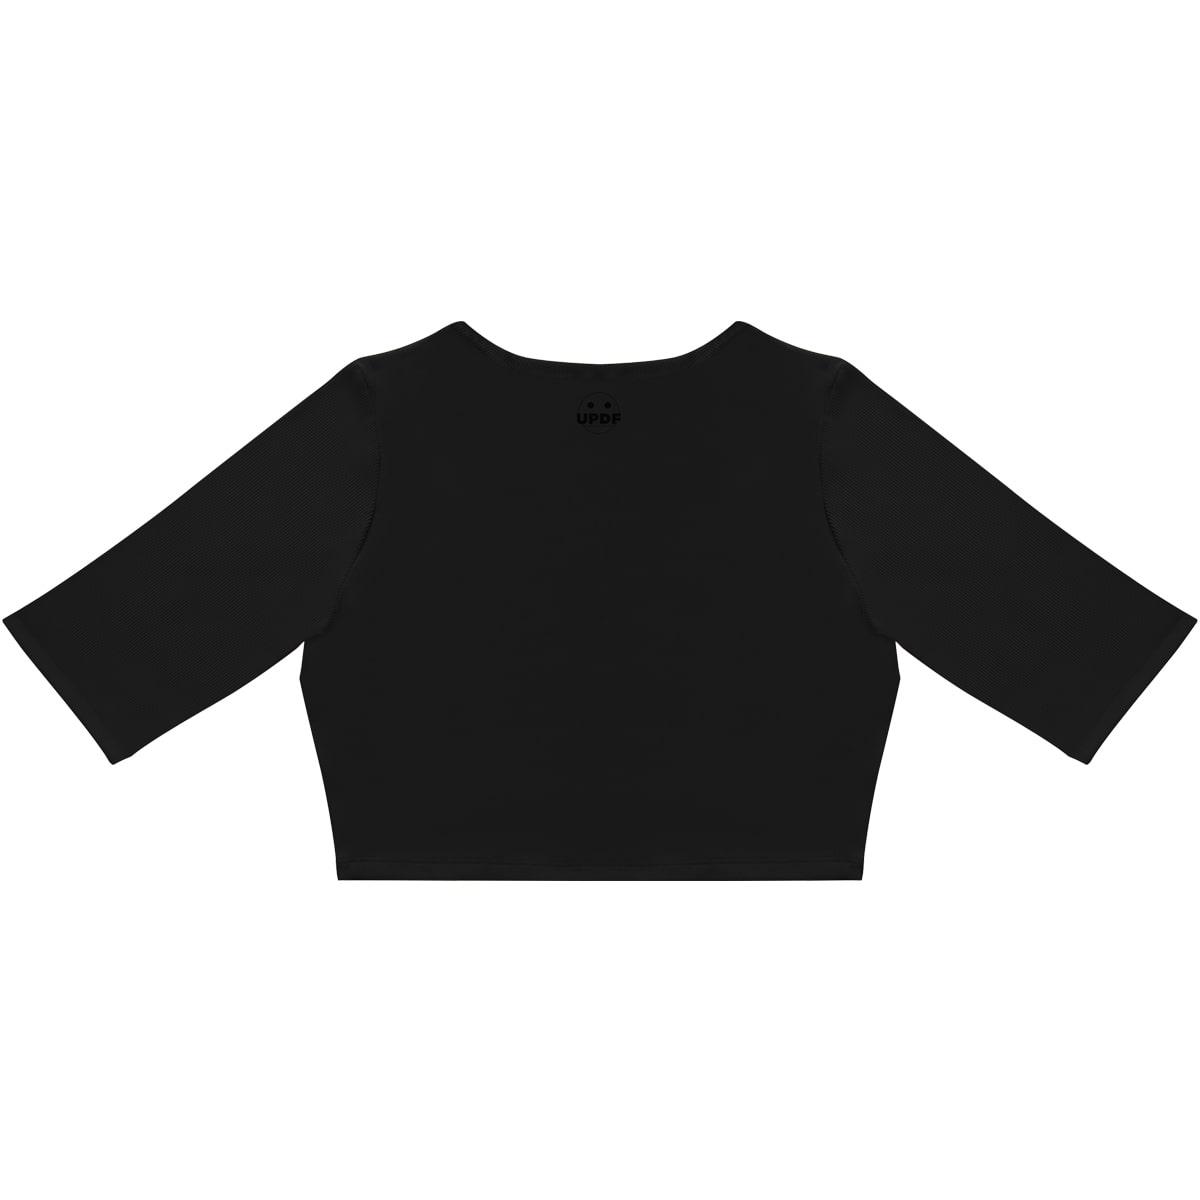 Black 3/4 Sleeve Top UPDF